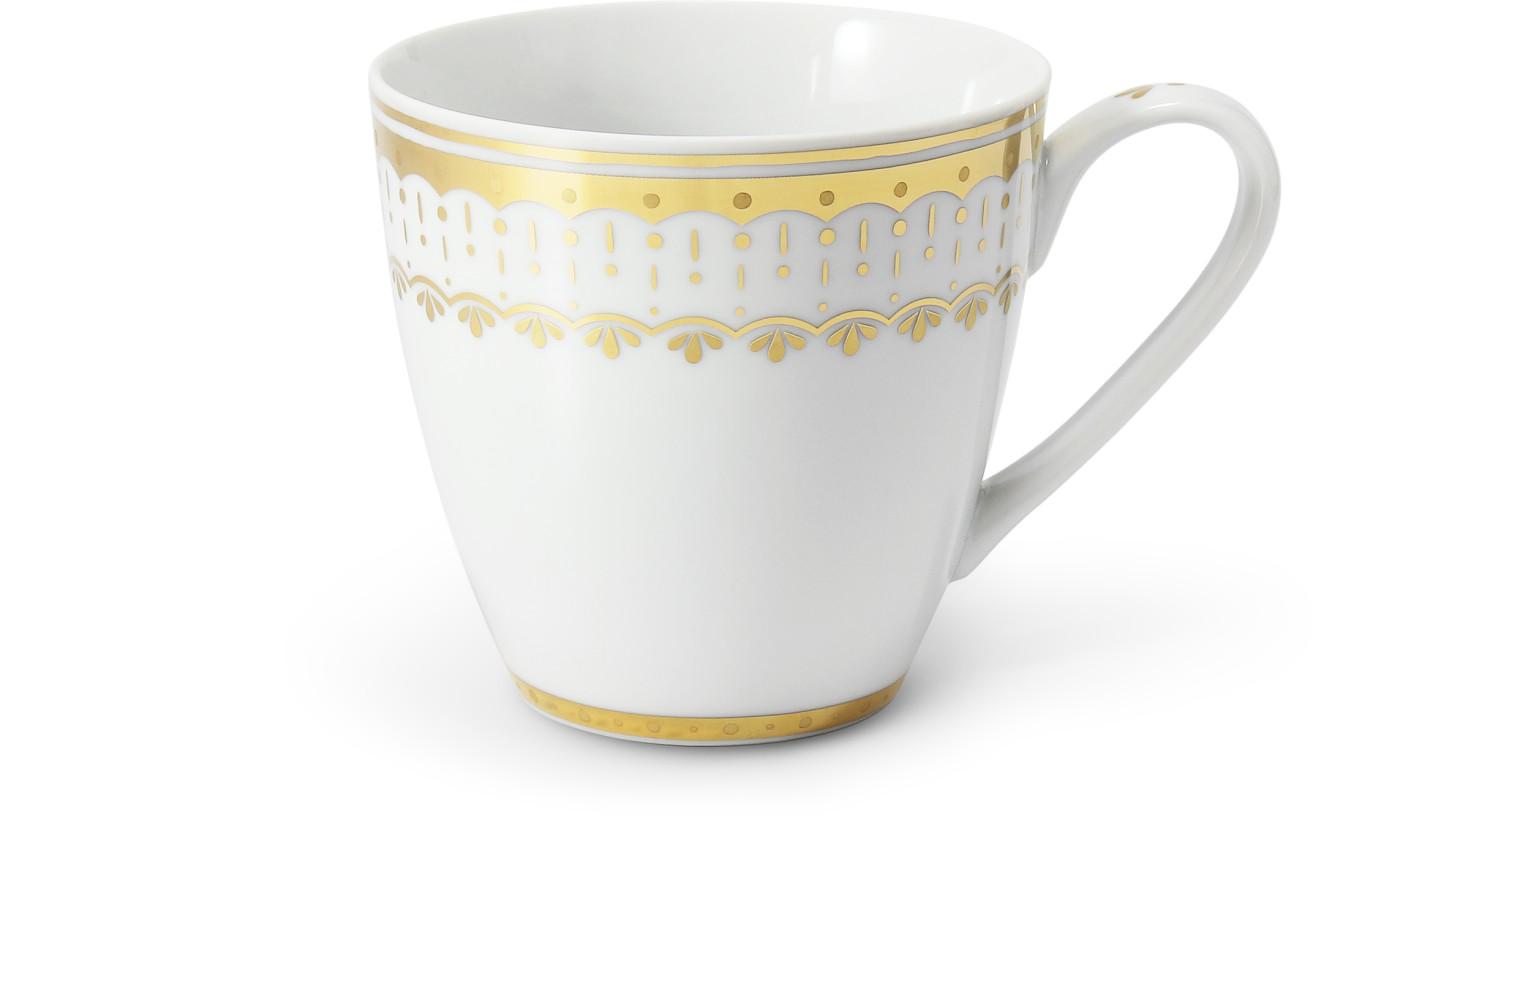 Teetasse 0,30 l HyggeLine Golden var.3